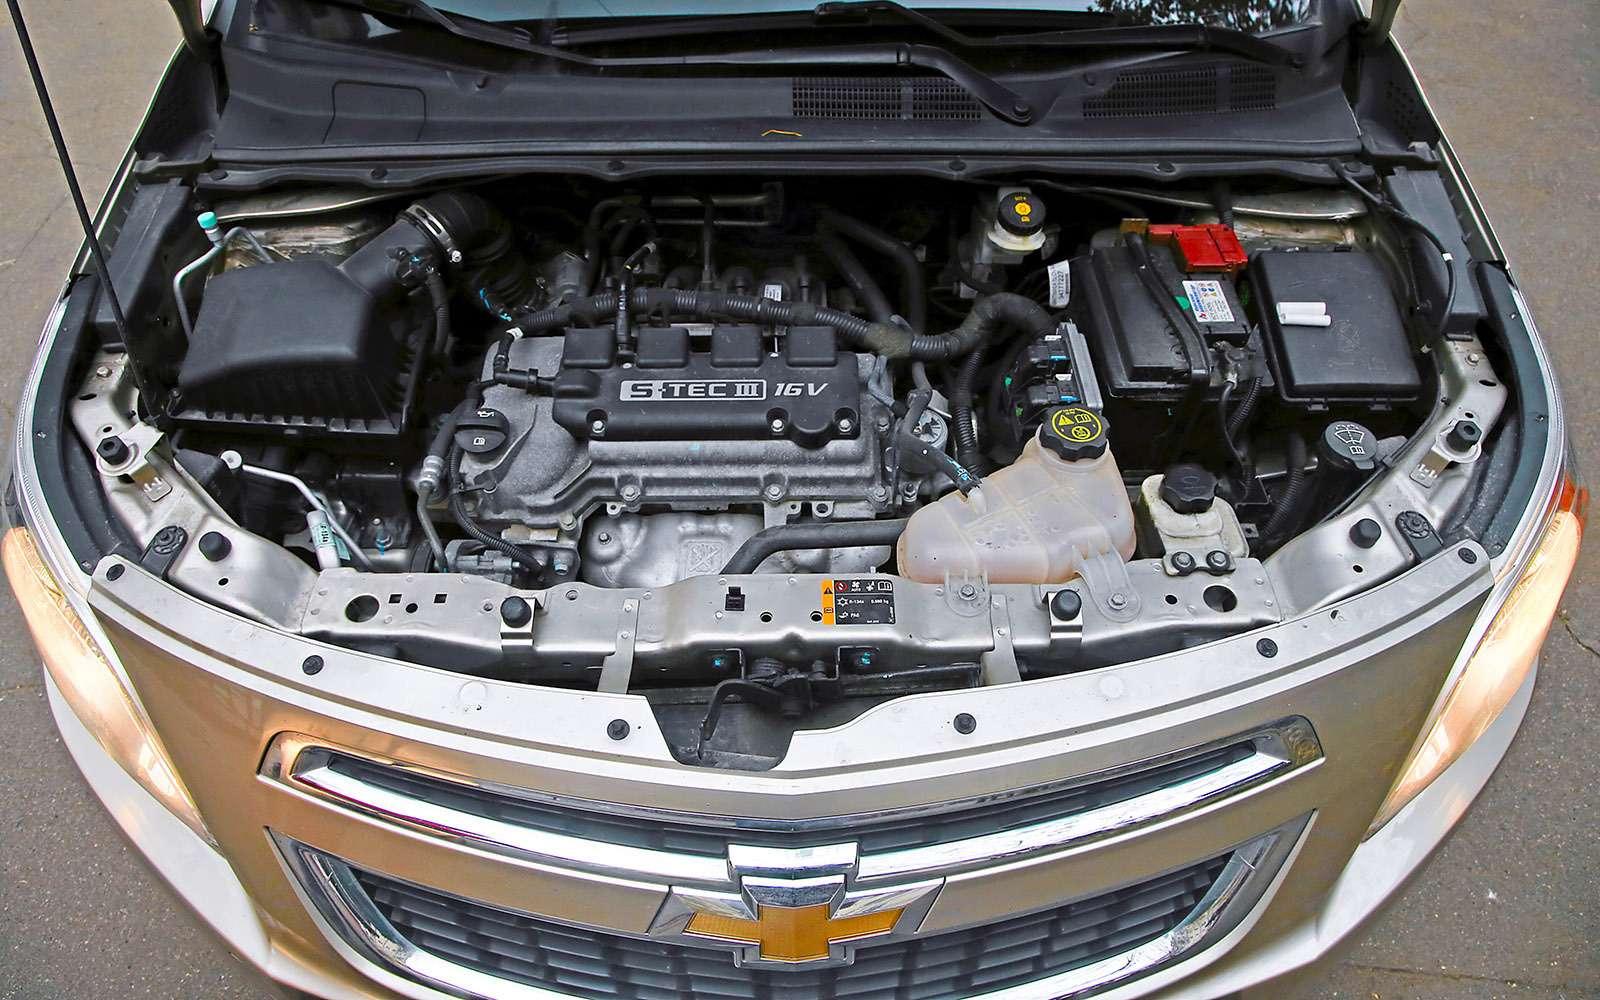 Chevrolet Cobalt после 68тыс. км: дневник домового— фото 670420